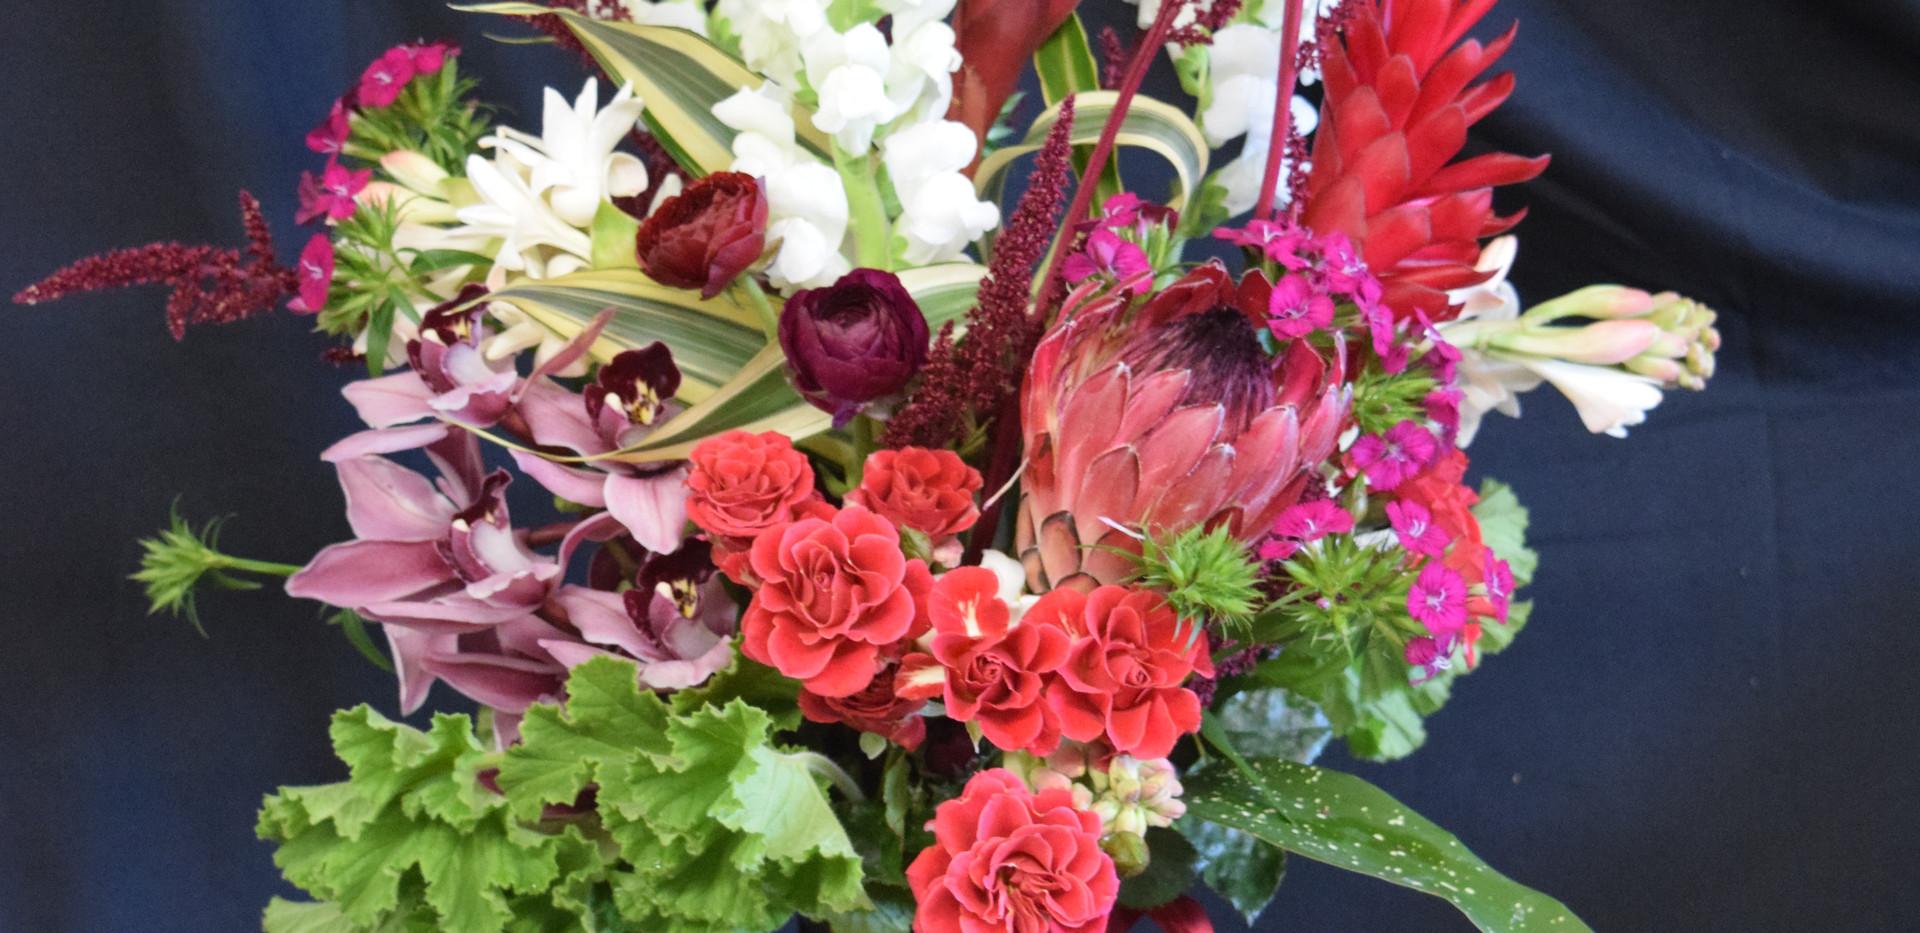 Large tropical nouveau vase arrangement